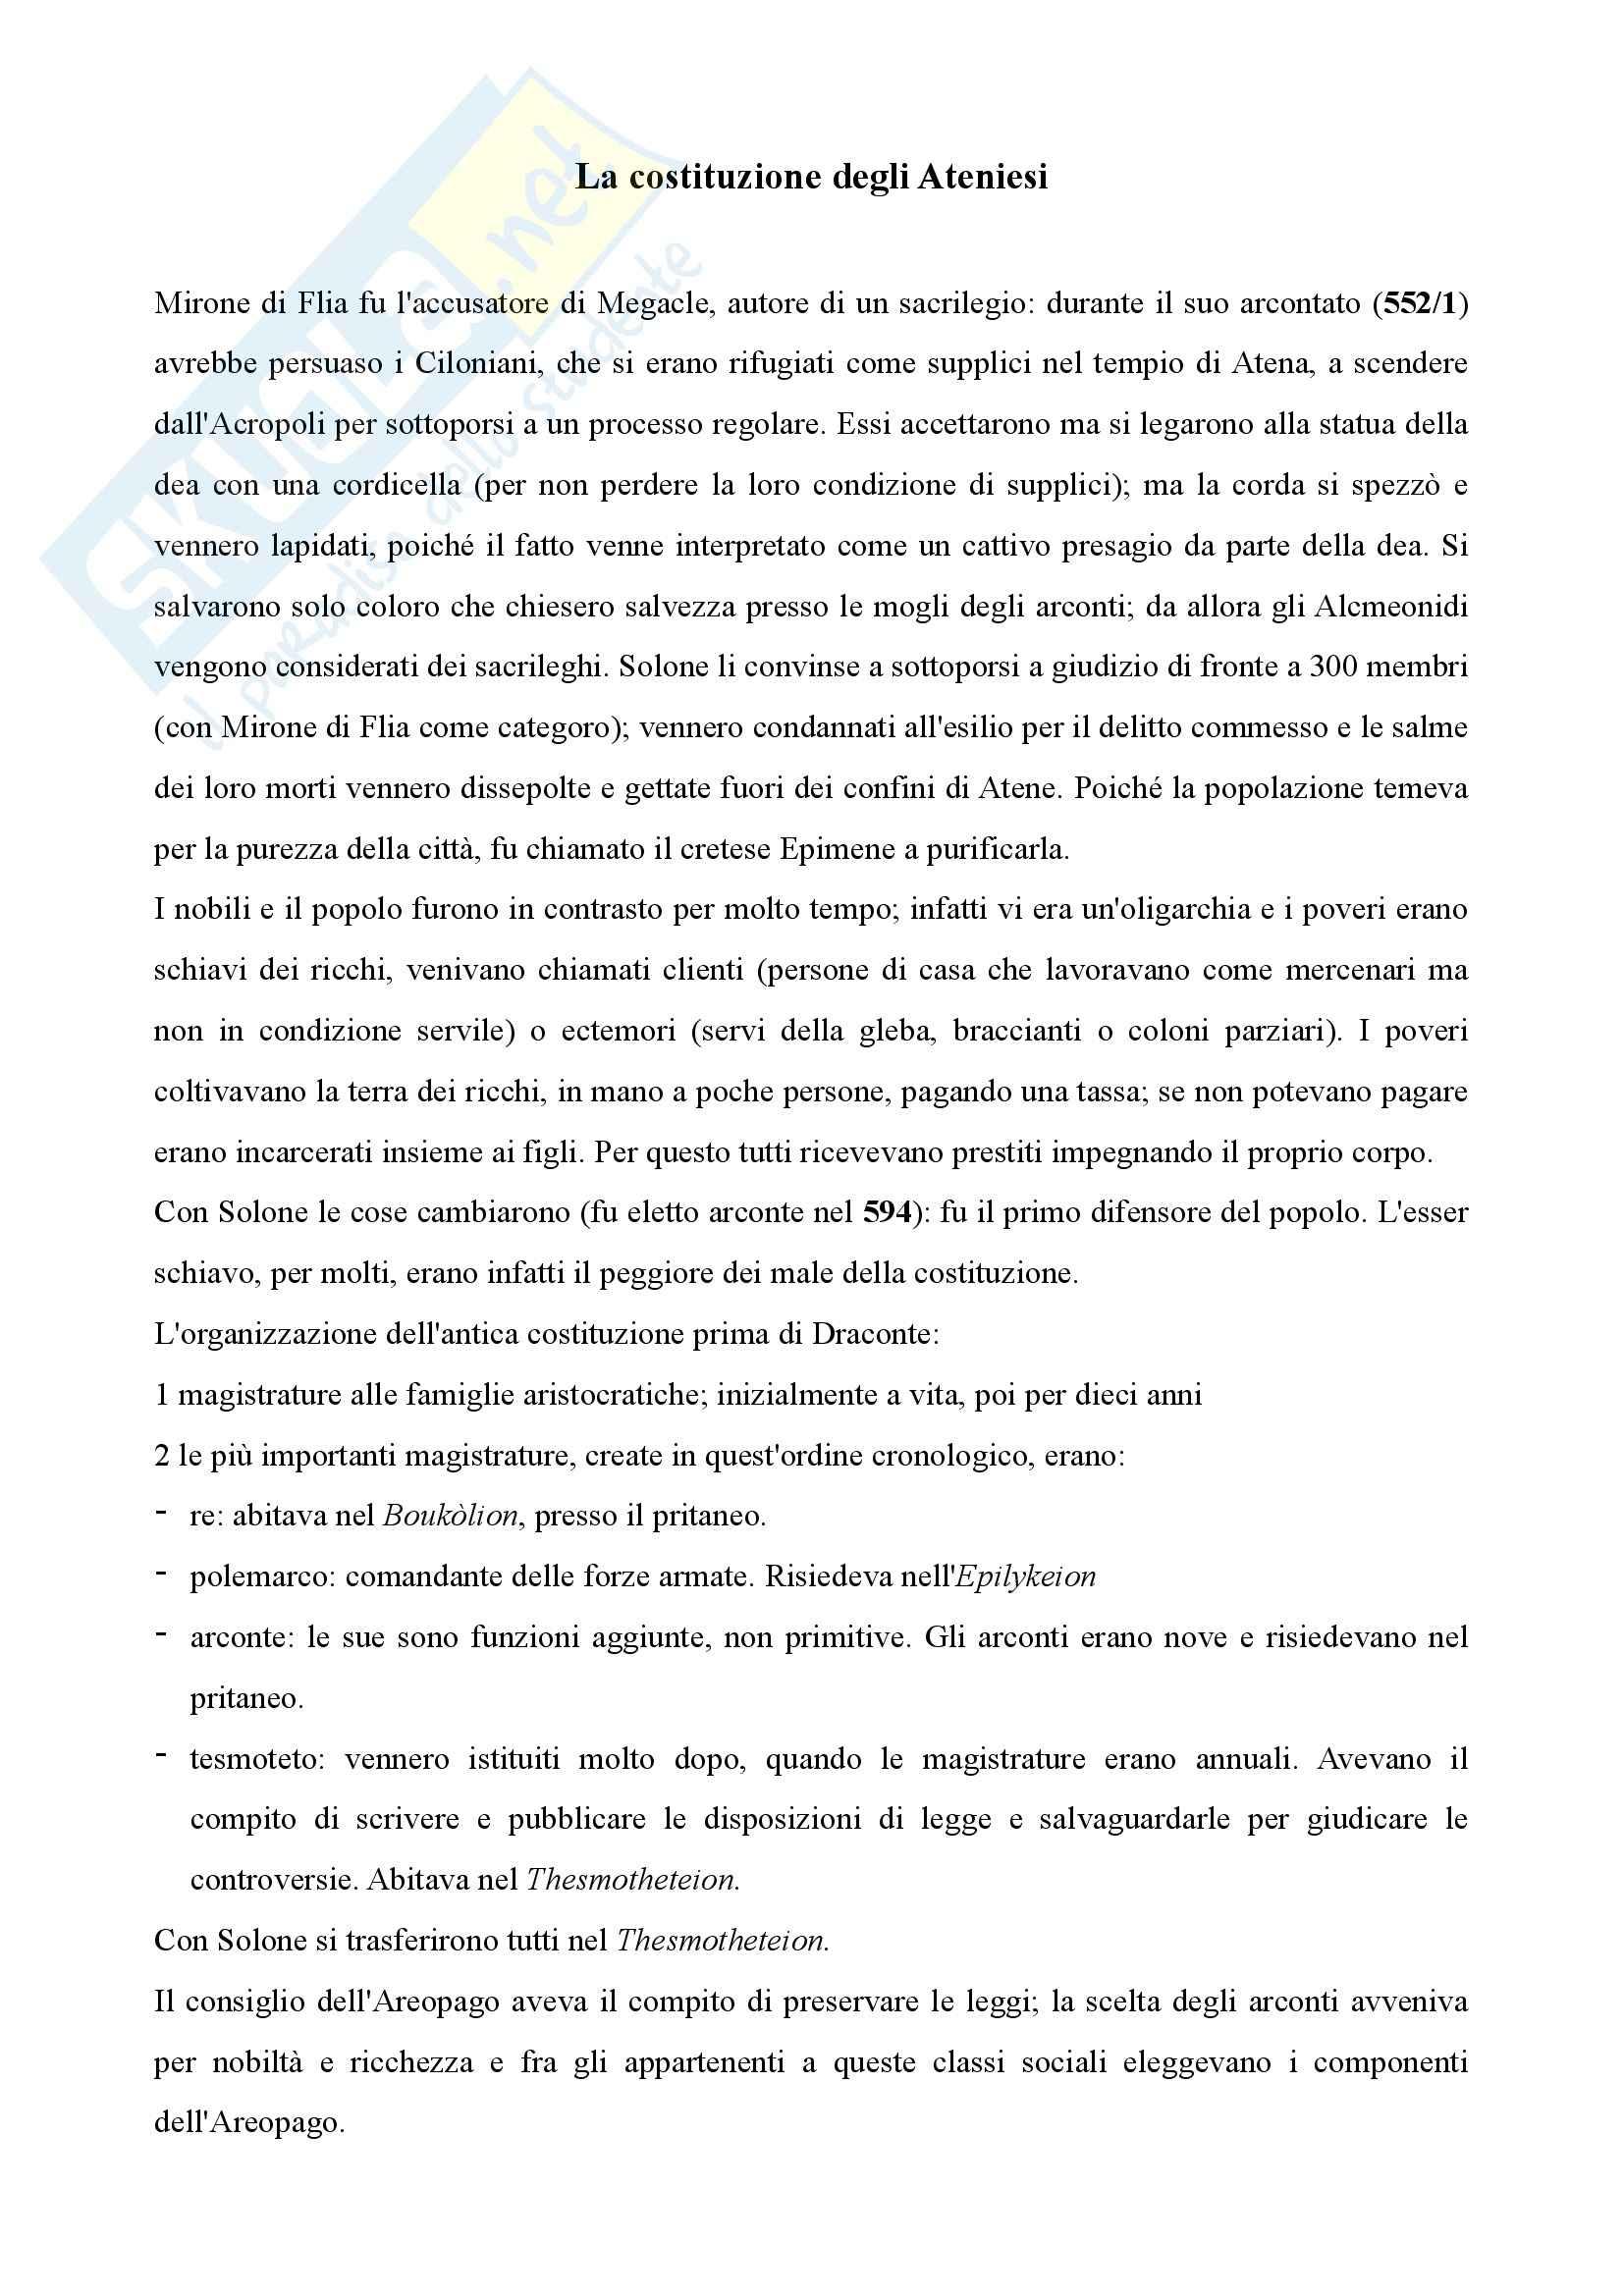 Storia greca - costituzione degli Ateniesi di Aristotele